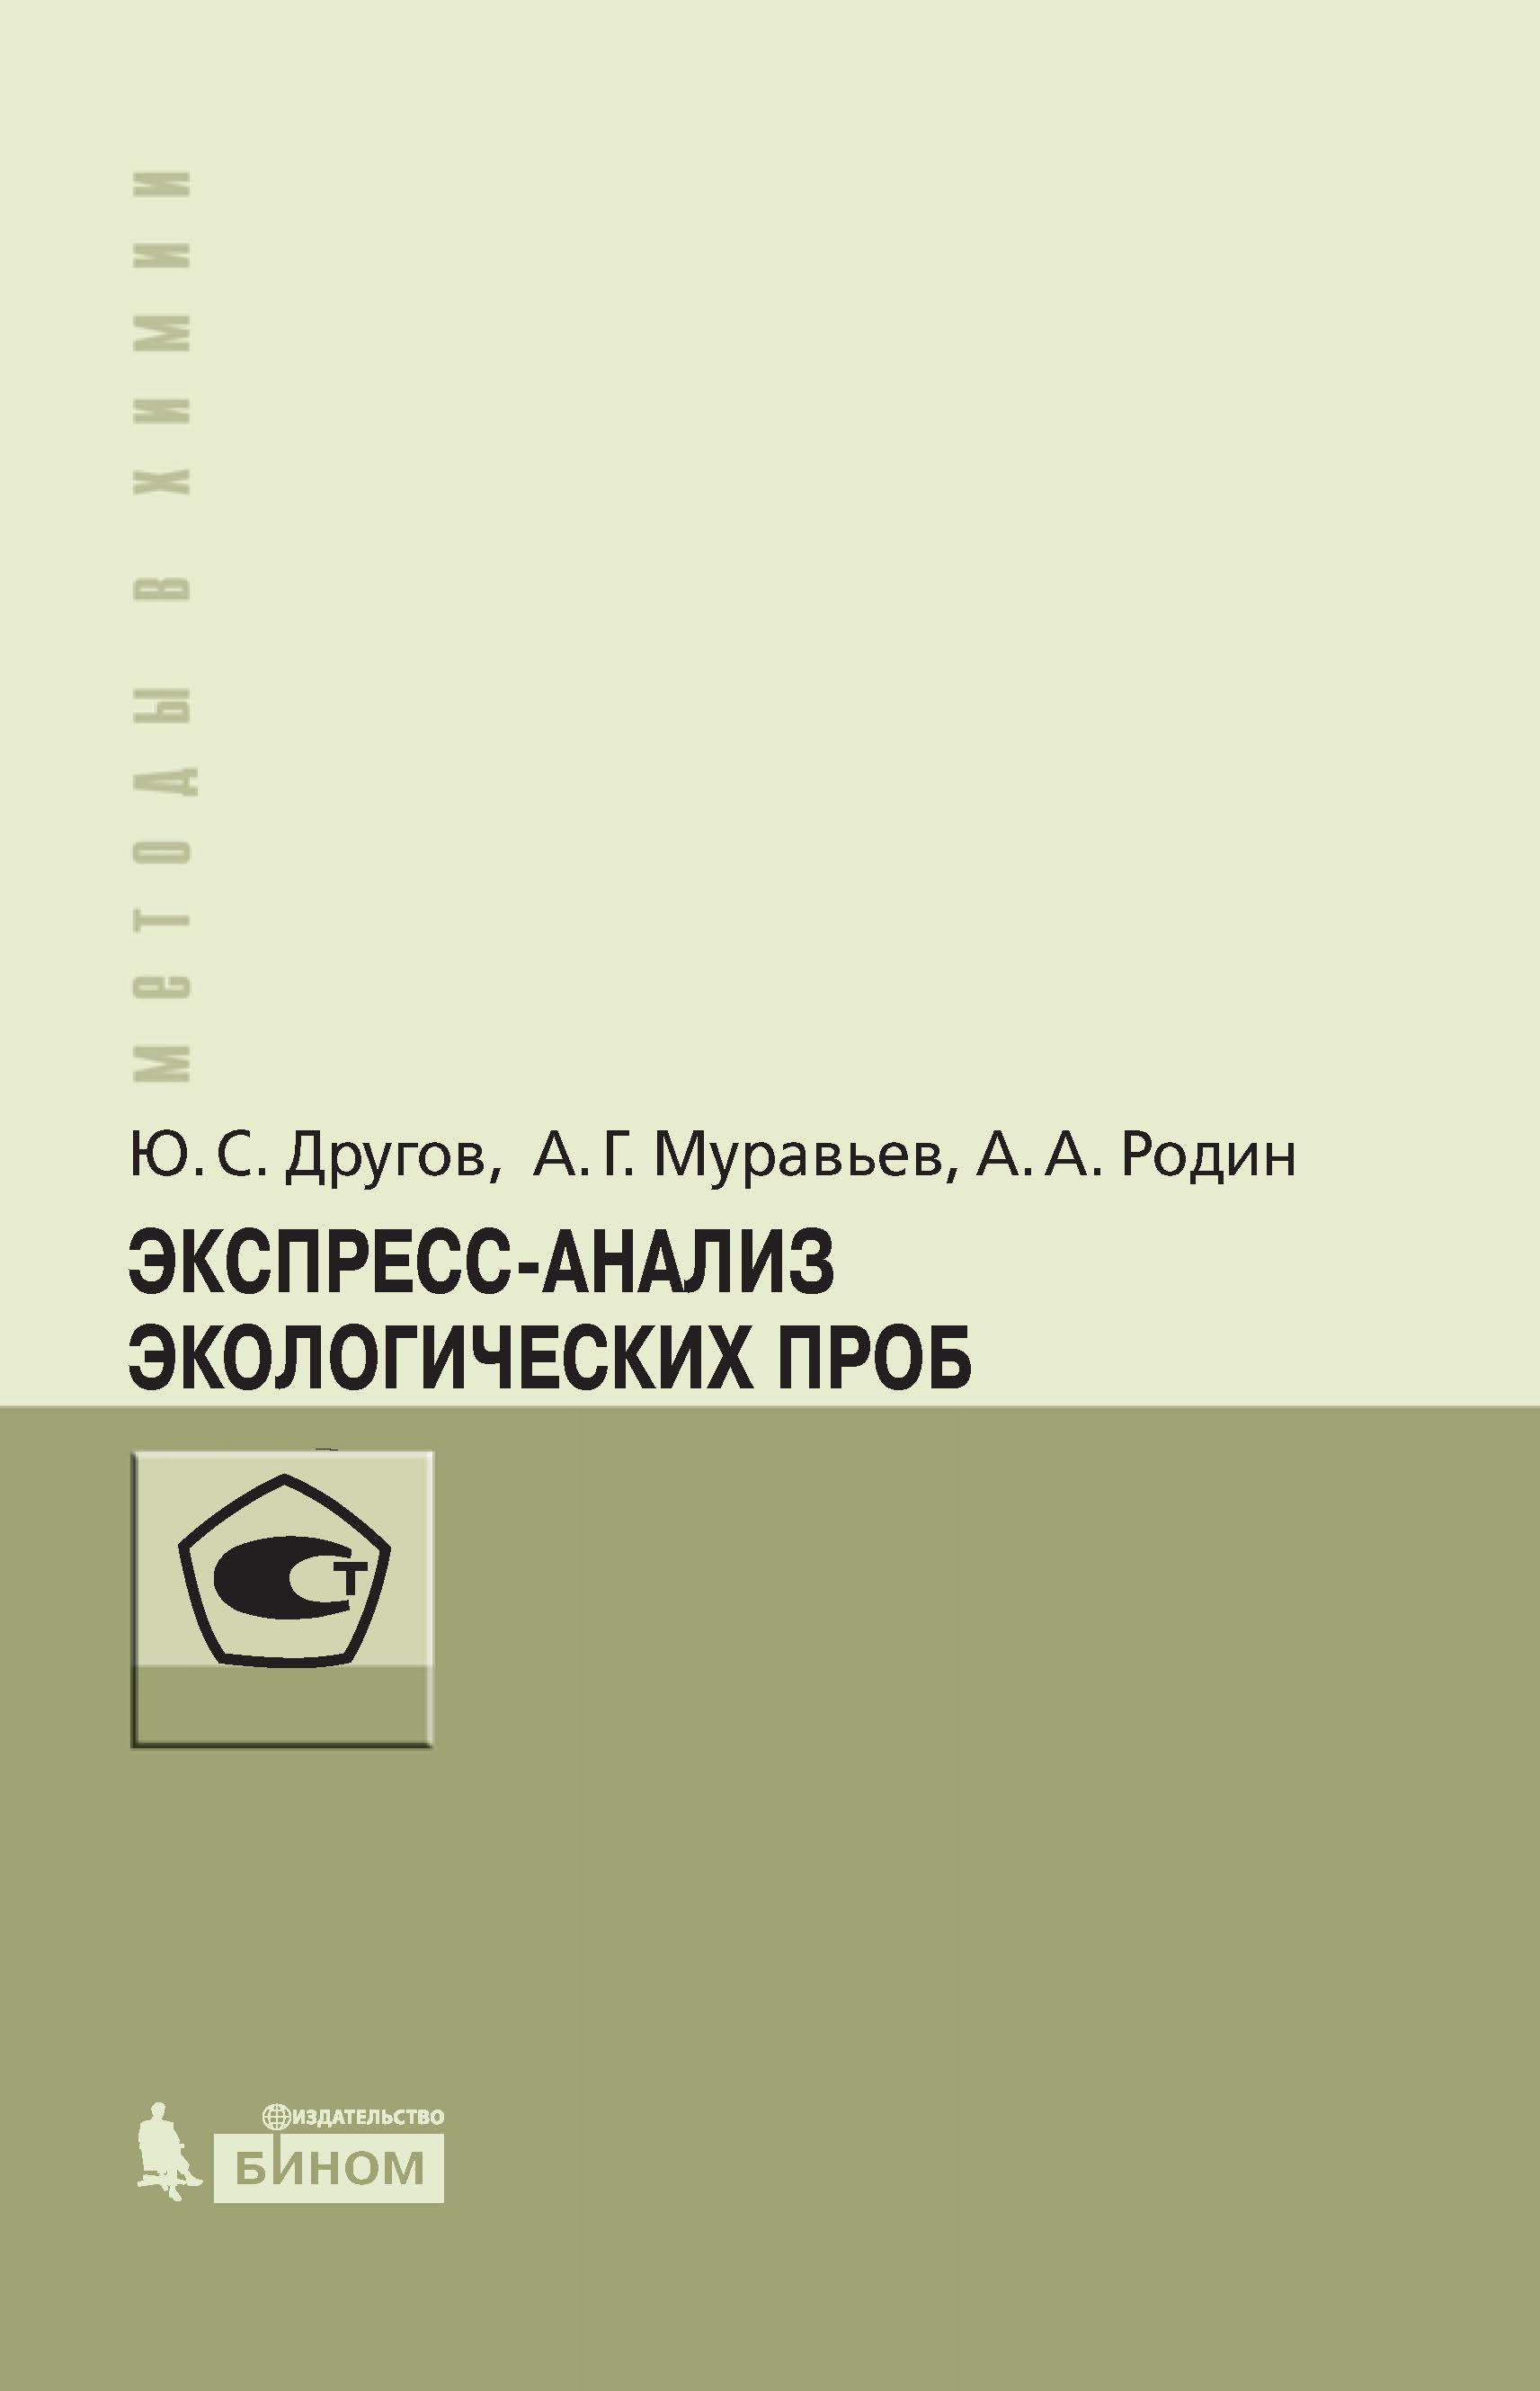 Экспресс-анализ экологических проб. Практическое руководство